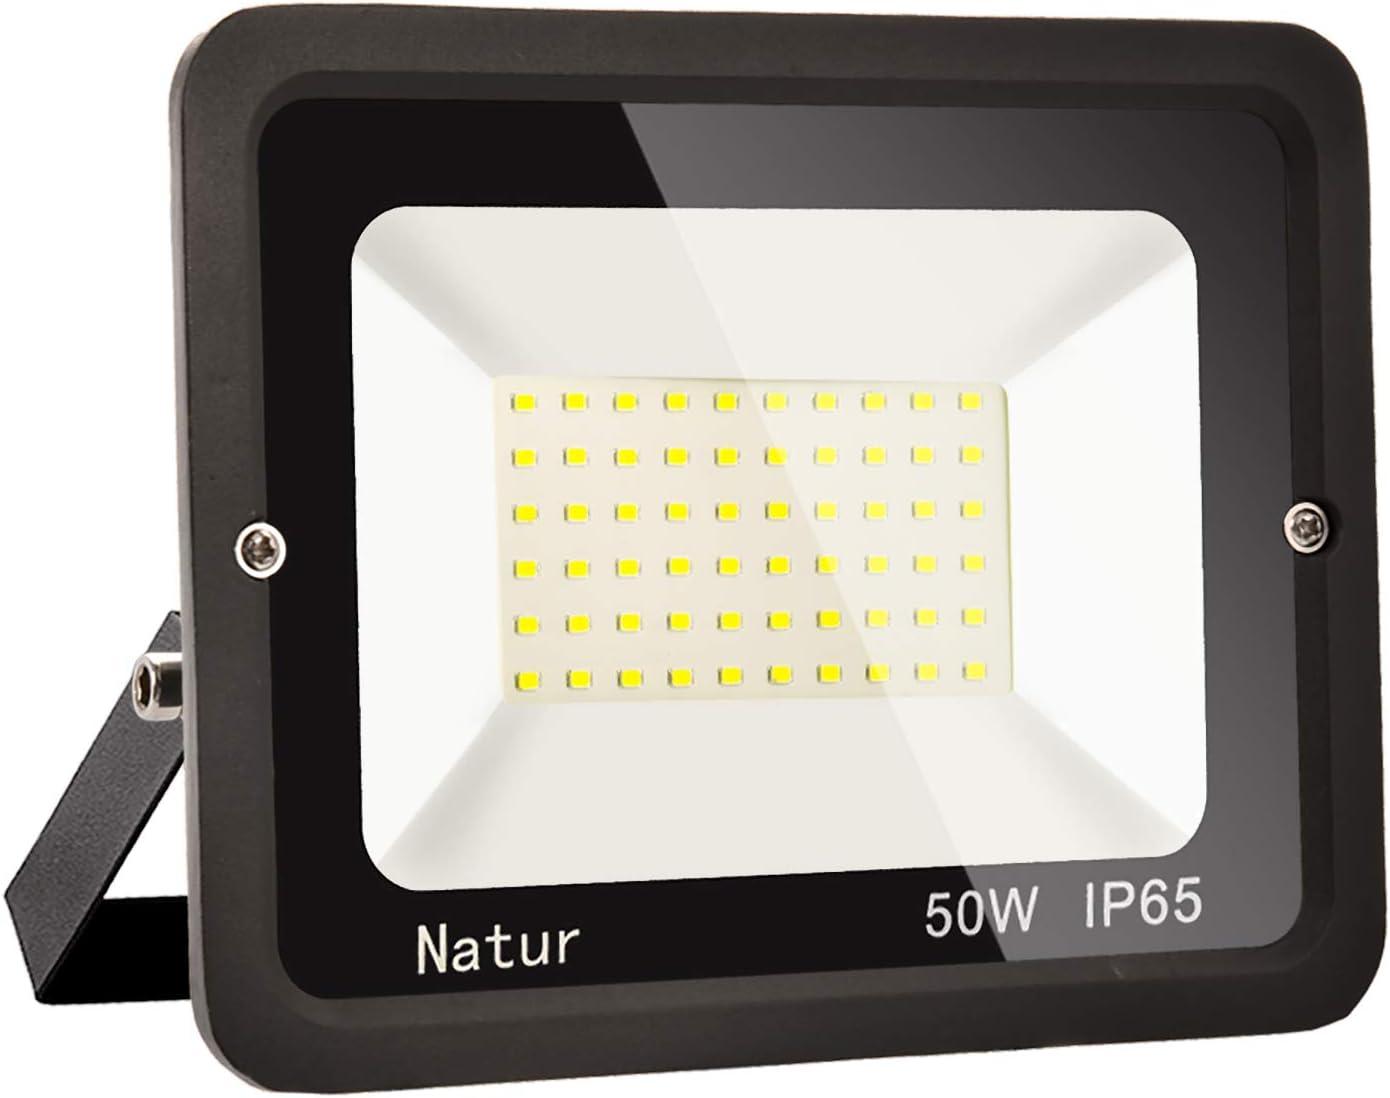 50W LED Foco Exterior Alto Brillo Proyector Led Impermeable IP65 Blanco Cálido 3000K Floodlight Led Foco Exterior Iluminación para Patio, Camino, Jardín, Almacén [Clase de Eficiencia Energética A++]